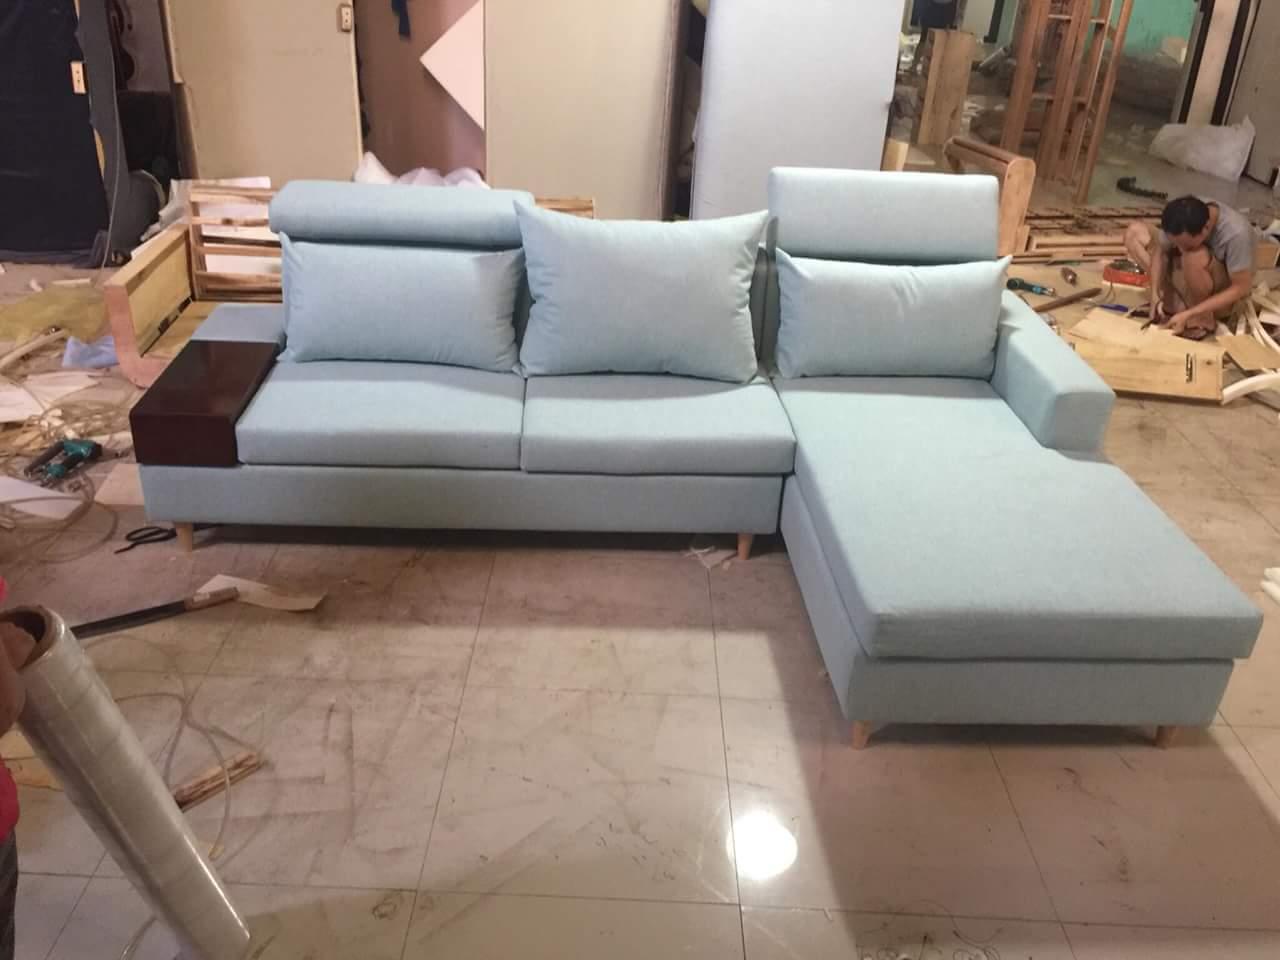 Đặt đóng ghế sofa theo yêu cầu ở đâu mà chất lượng bền mà giá lại rẻ?